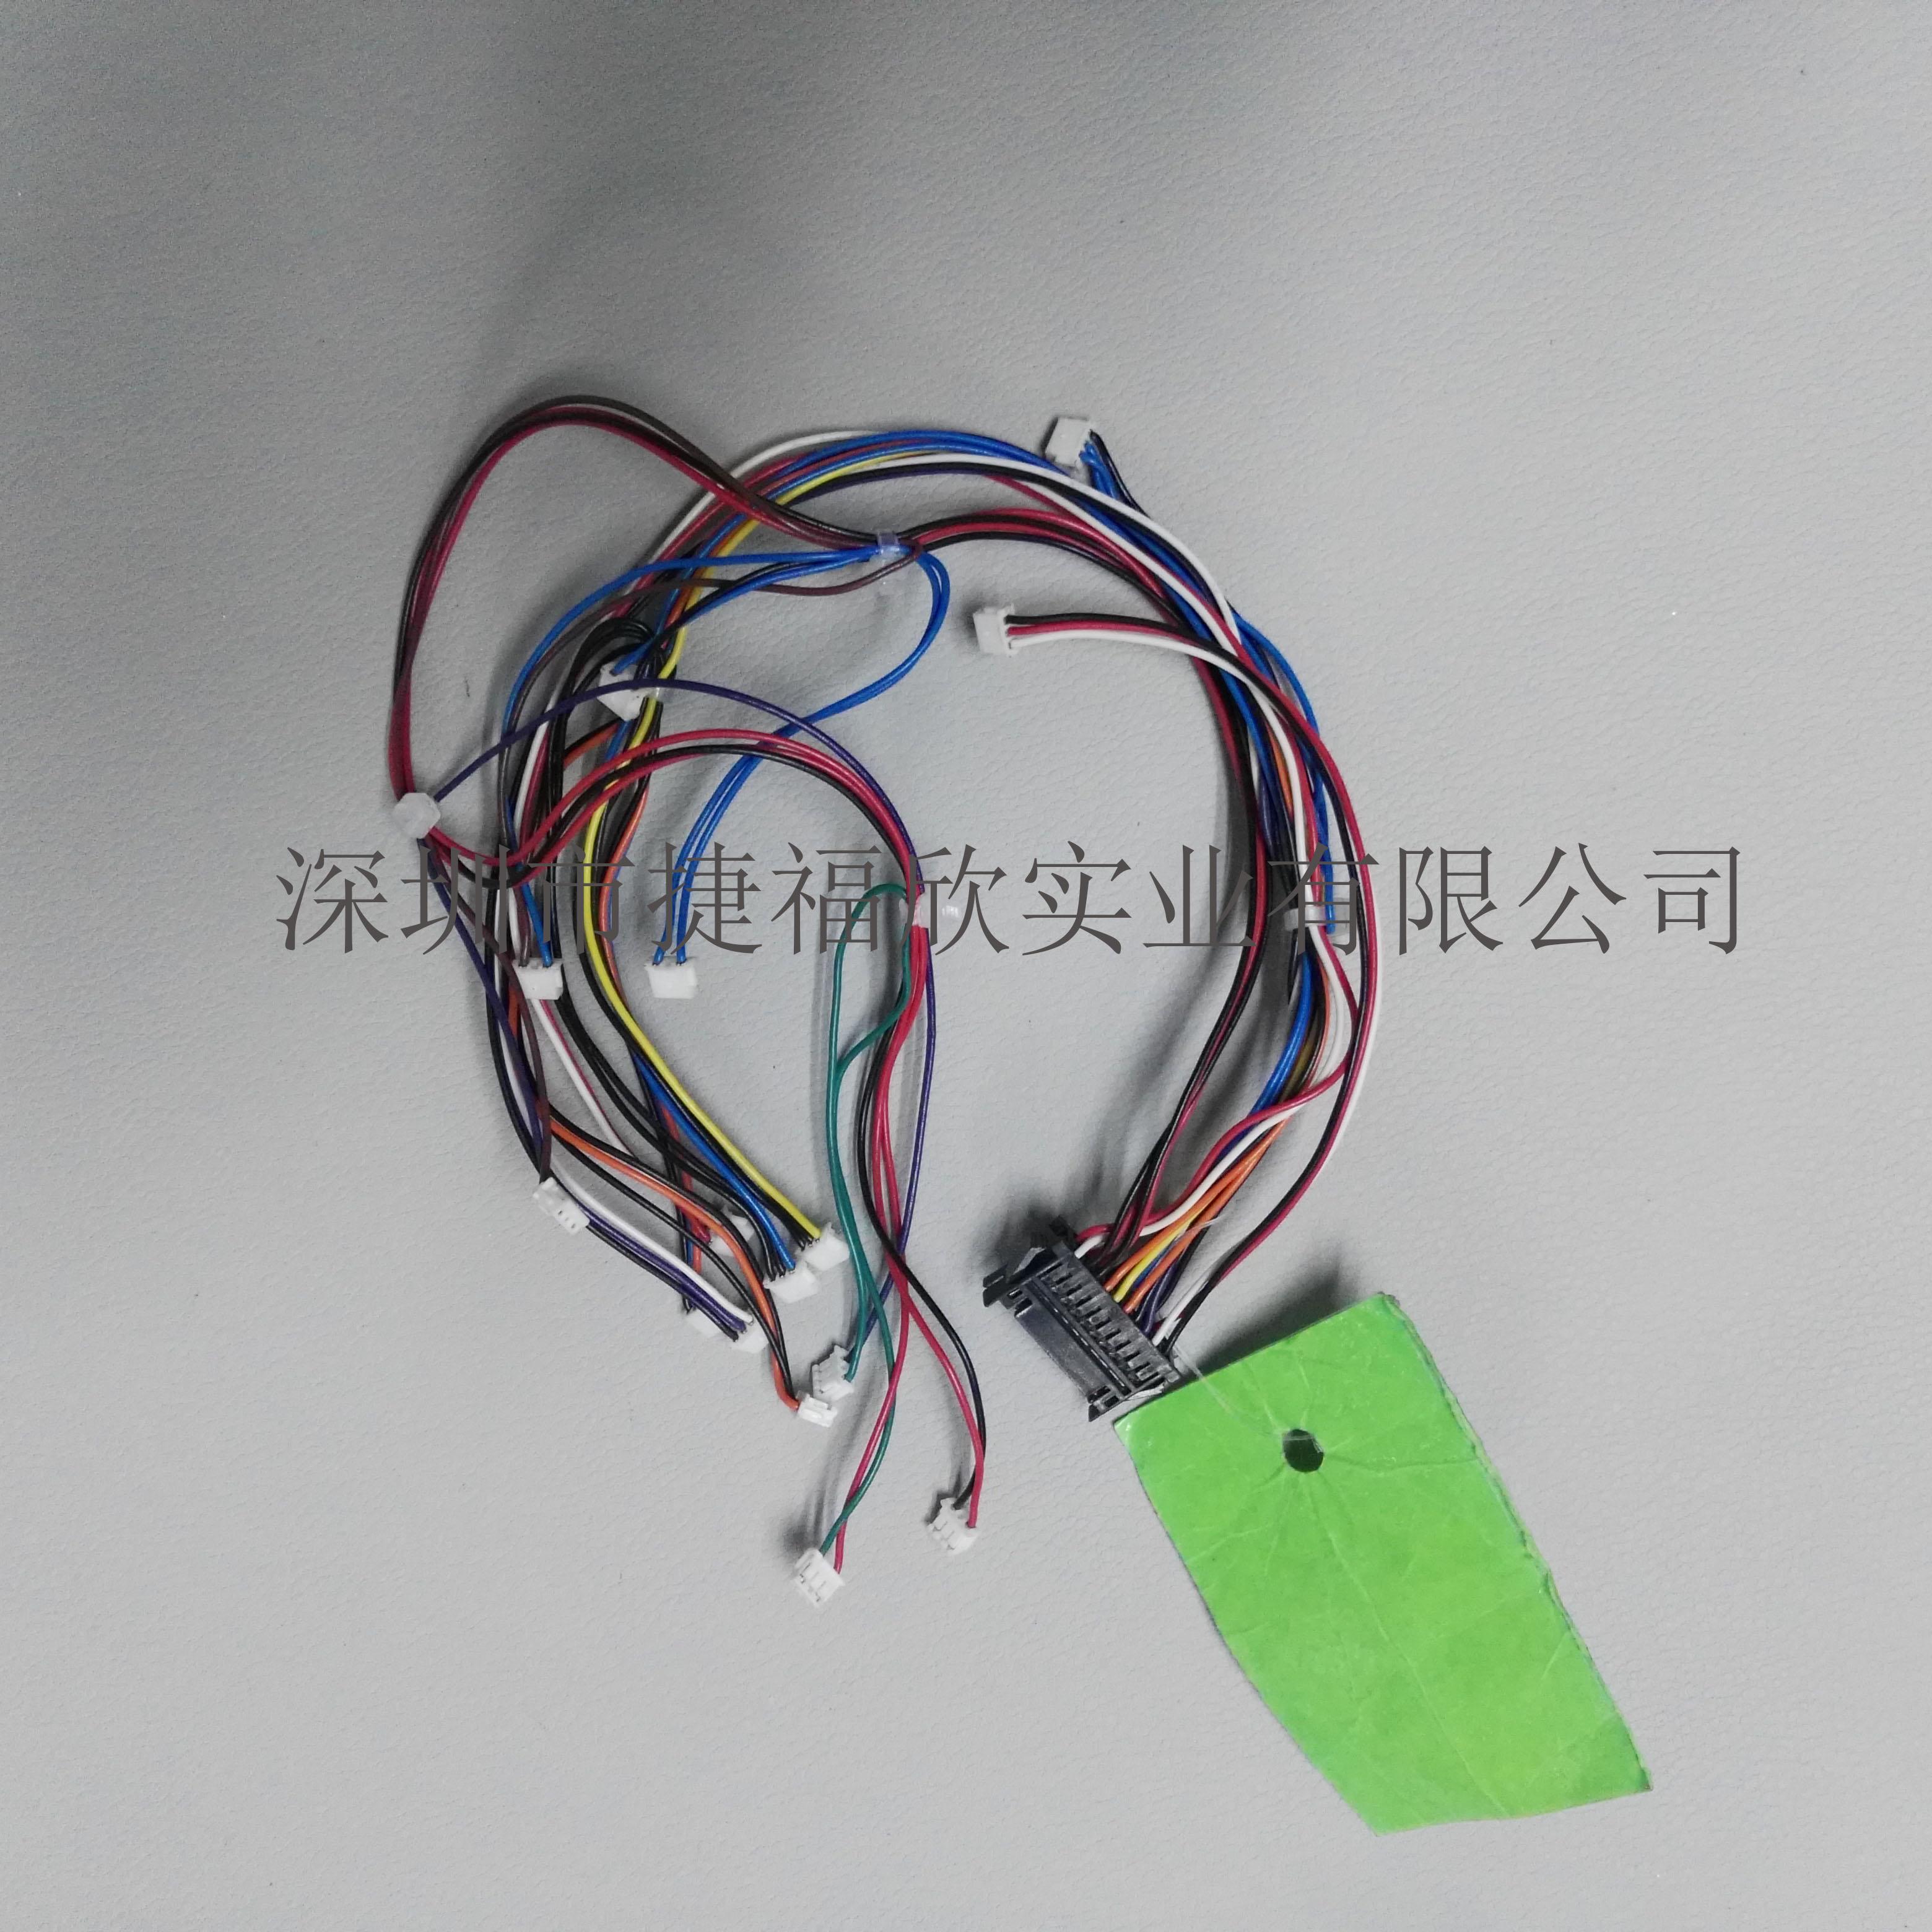 深圳UL线材线束连接线USB线加工定制